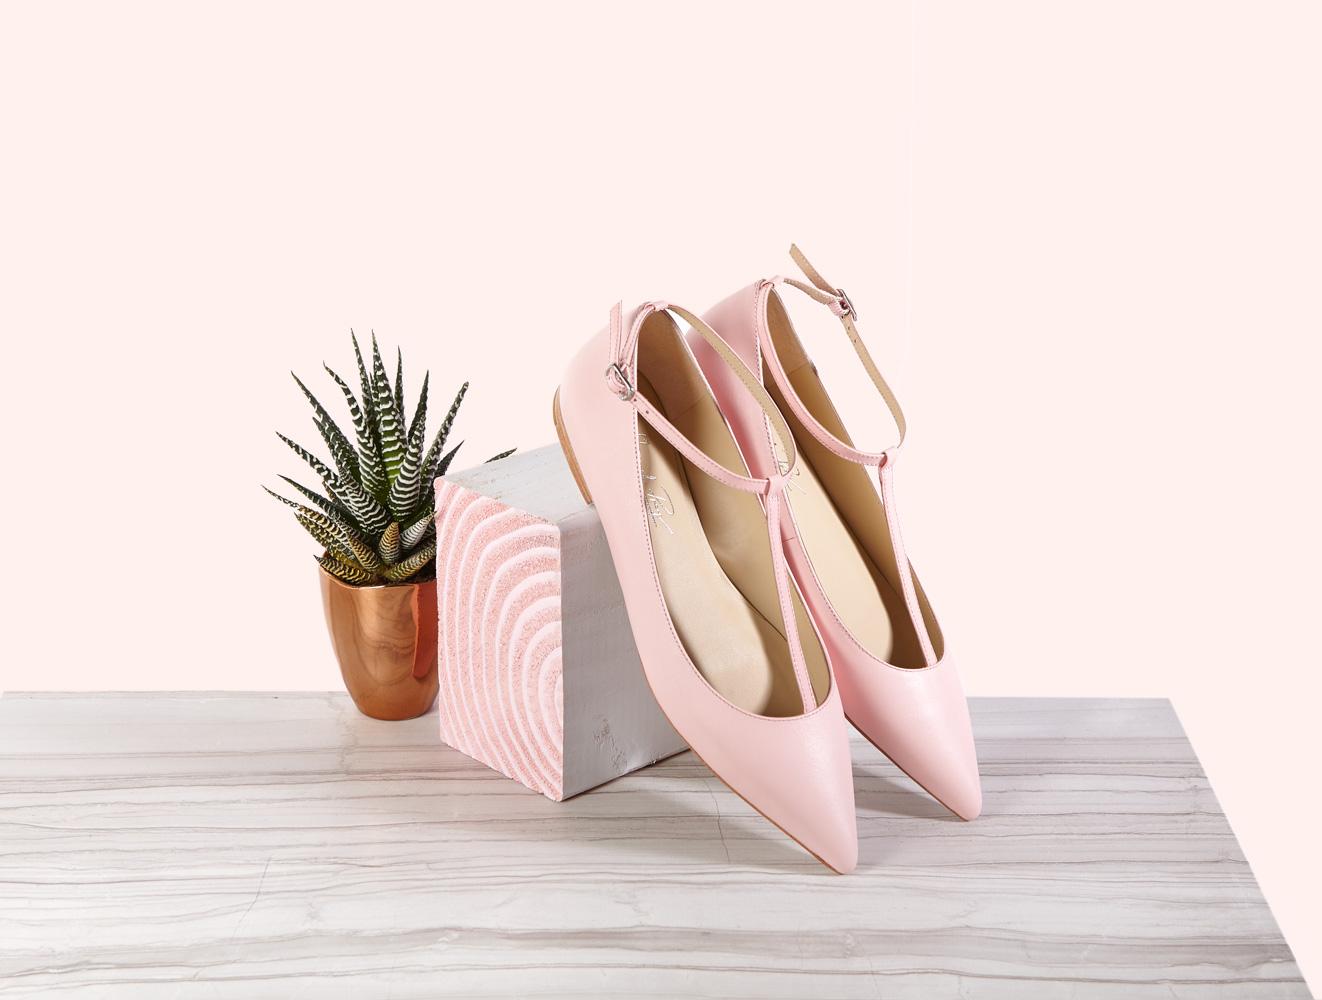 Shoes-of-prey11.jpg